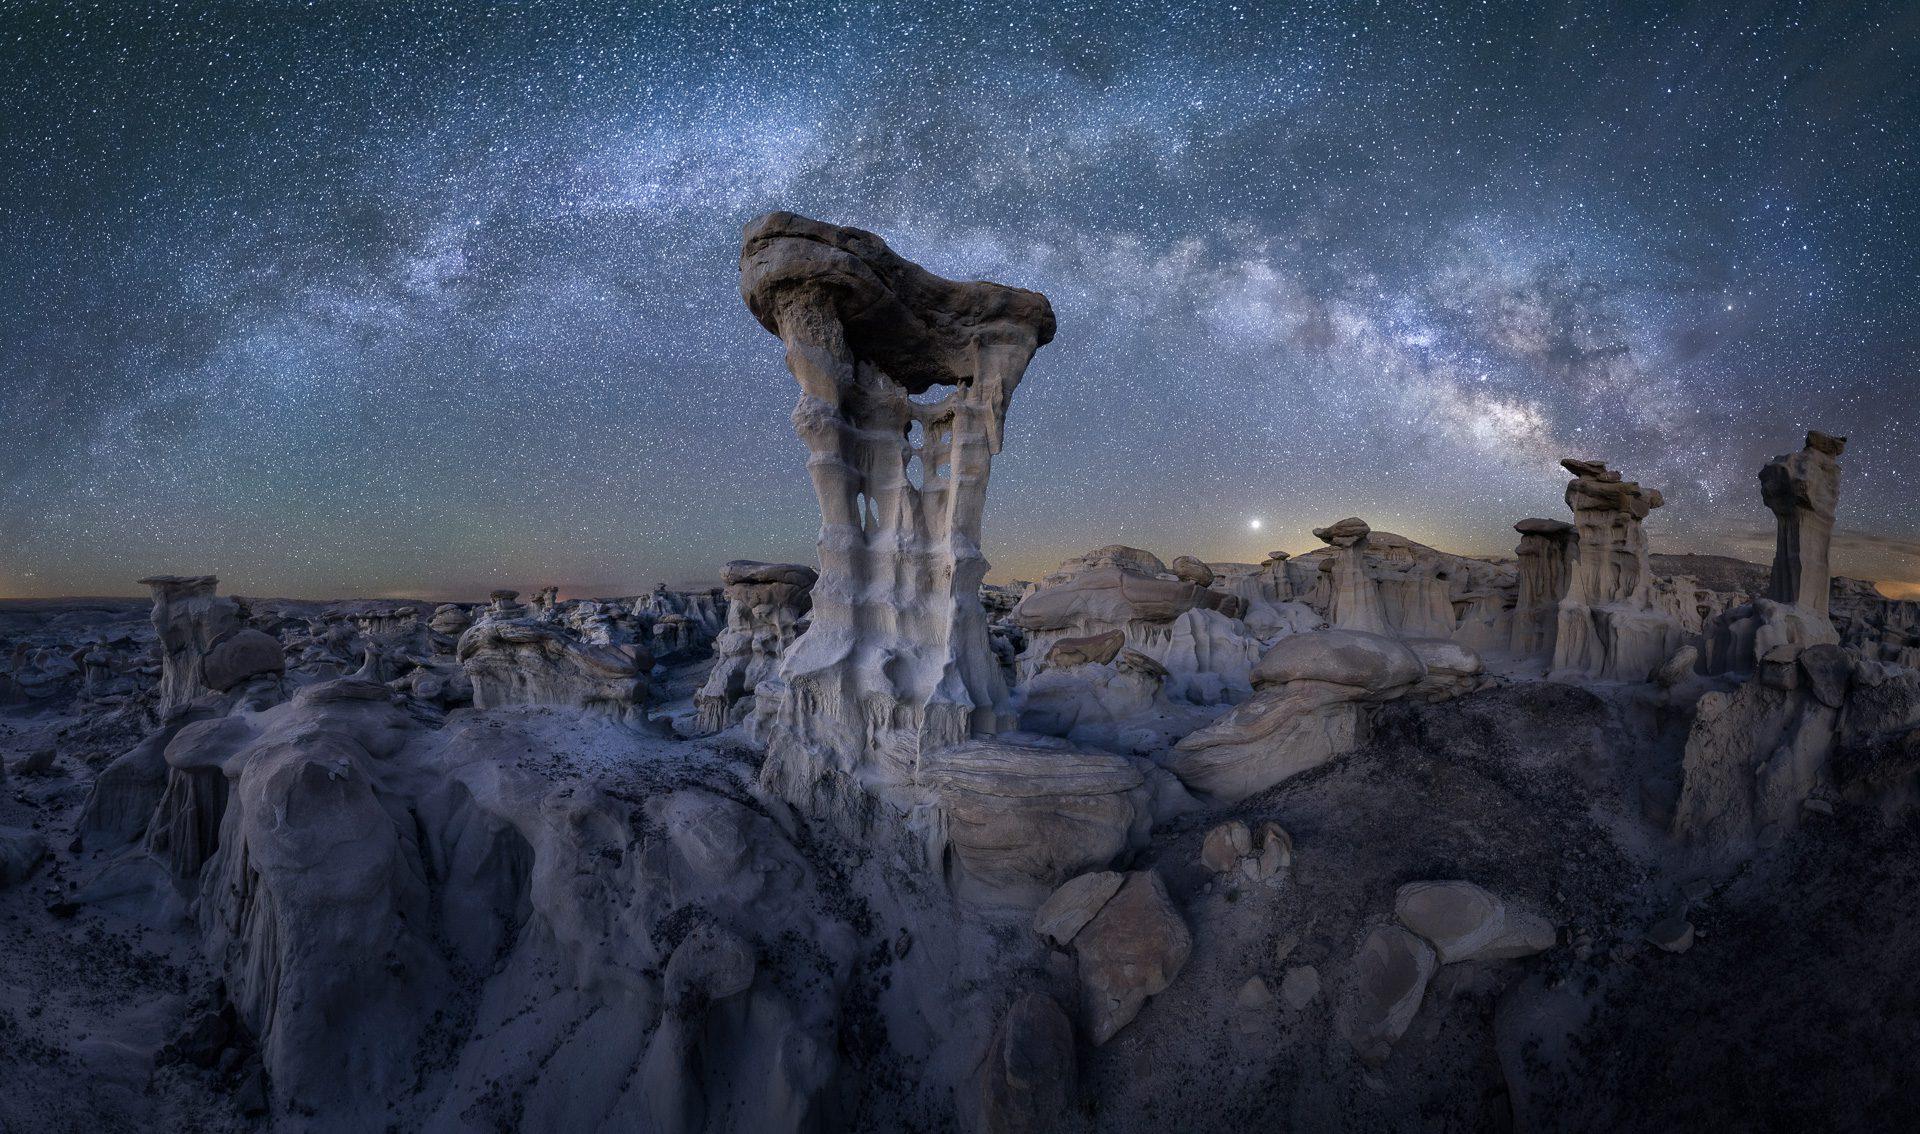 Alien Milky Way